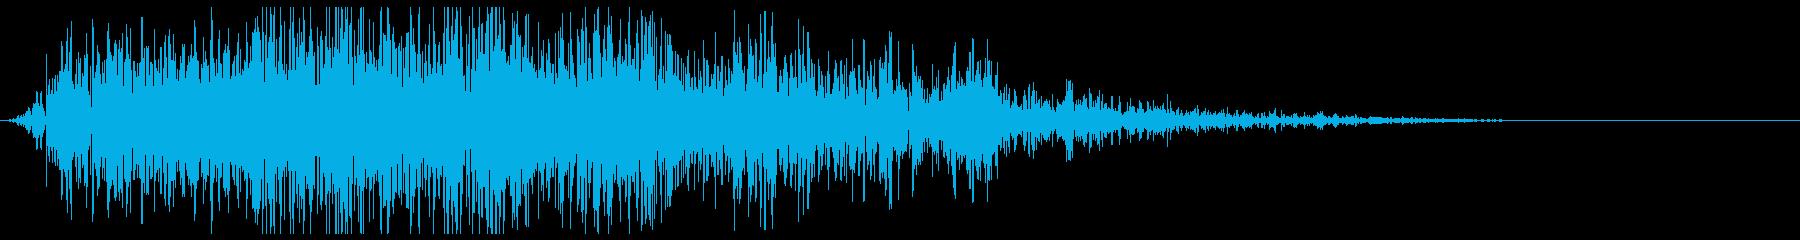 雷 カミナリ 攻撃(ゴロゴロ、ドドーンの再生済みの波形